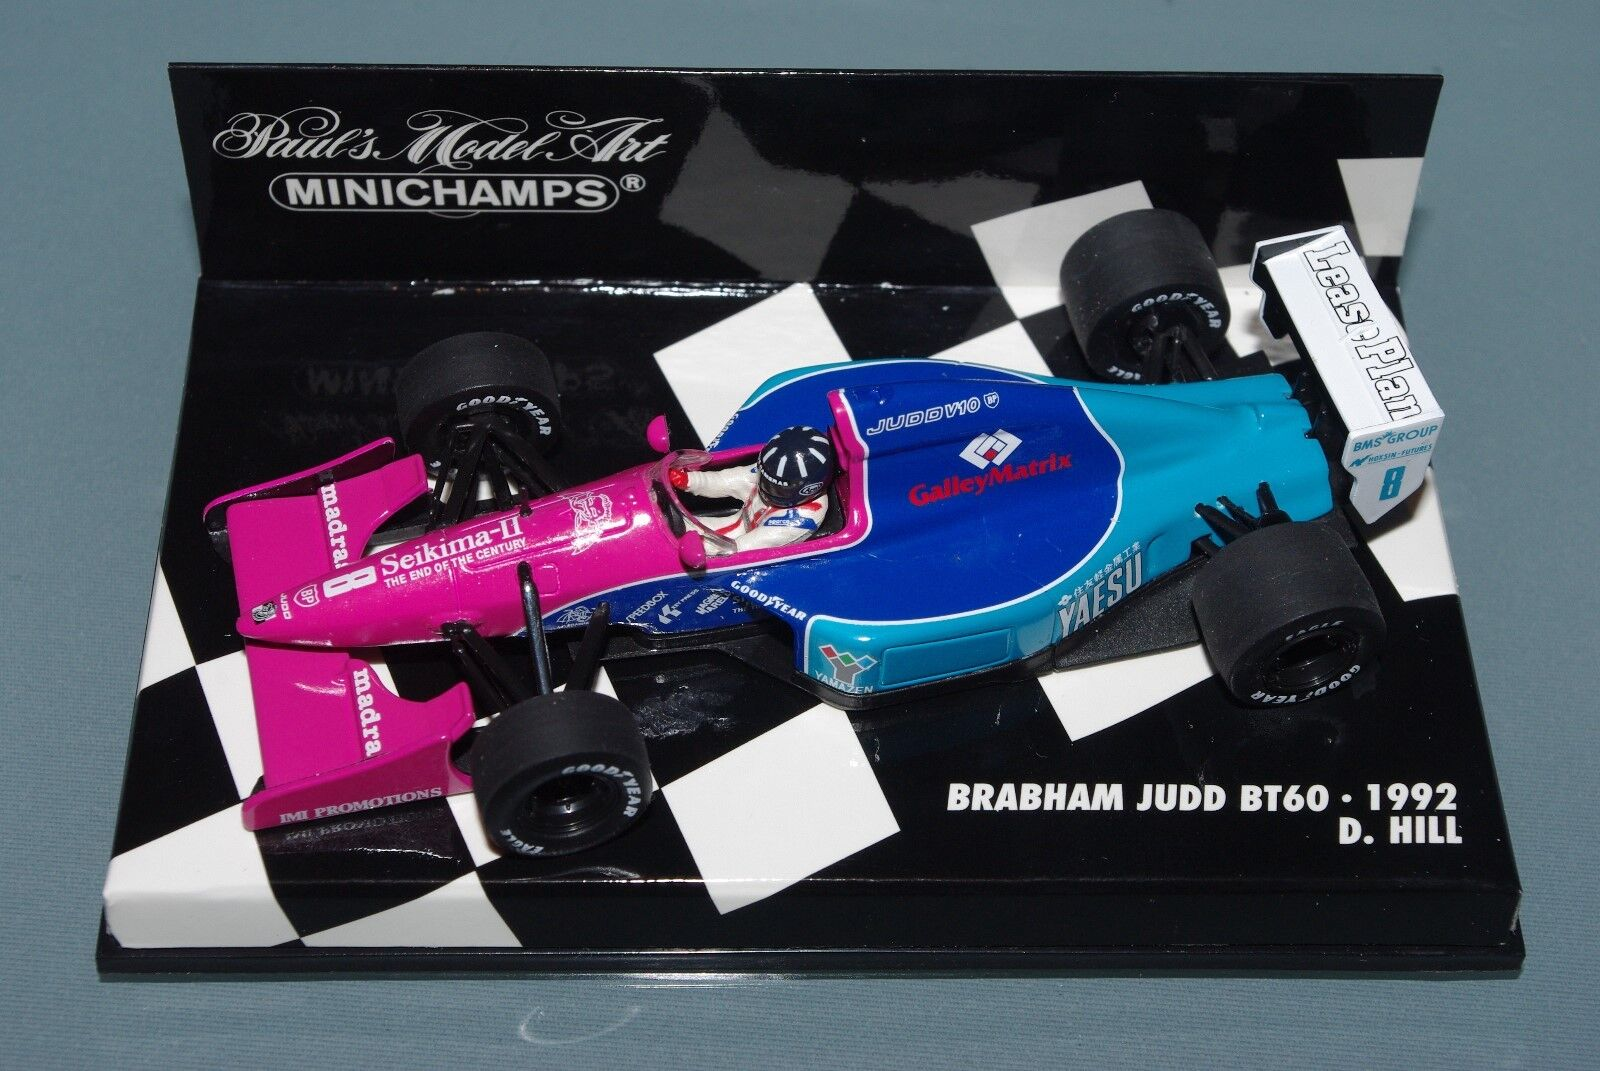 Minichamps 1 43 F1 BRABHAM JUDD BT60 Damon Hill 1992